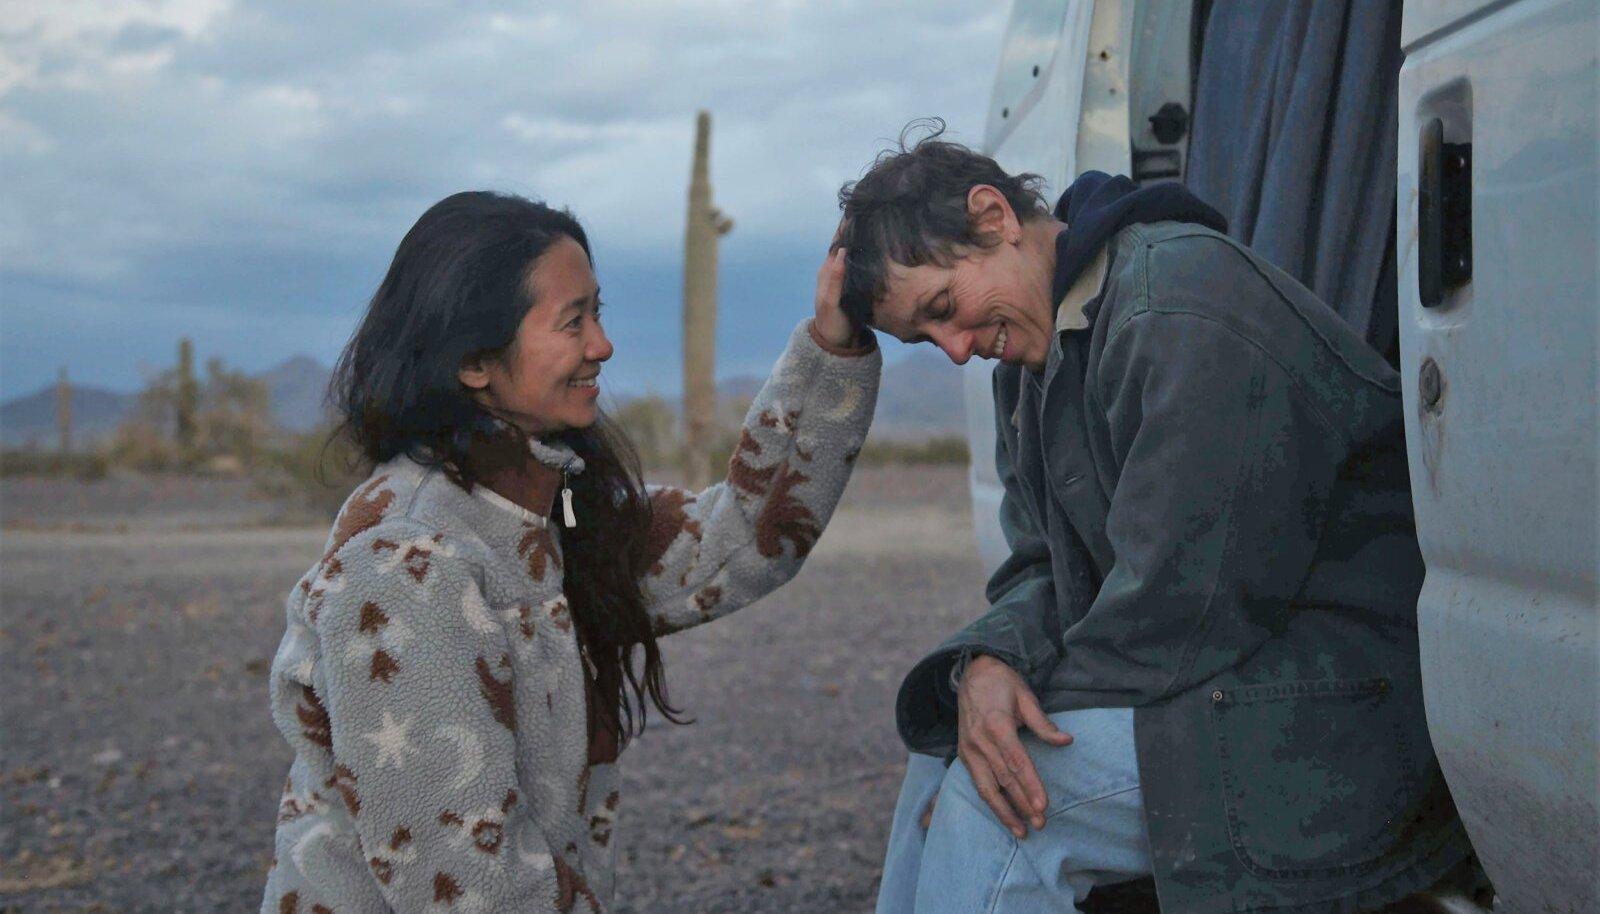 """MIDA ON ÕNNEKS VAJA? Režissöör Chloé Zhao ja näitleja Frances McDormand (autos) """"Nomaadimaa"""" võtteplatsil."""